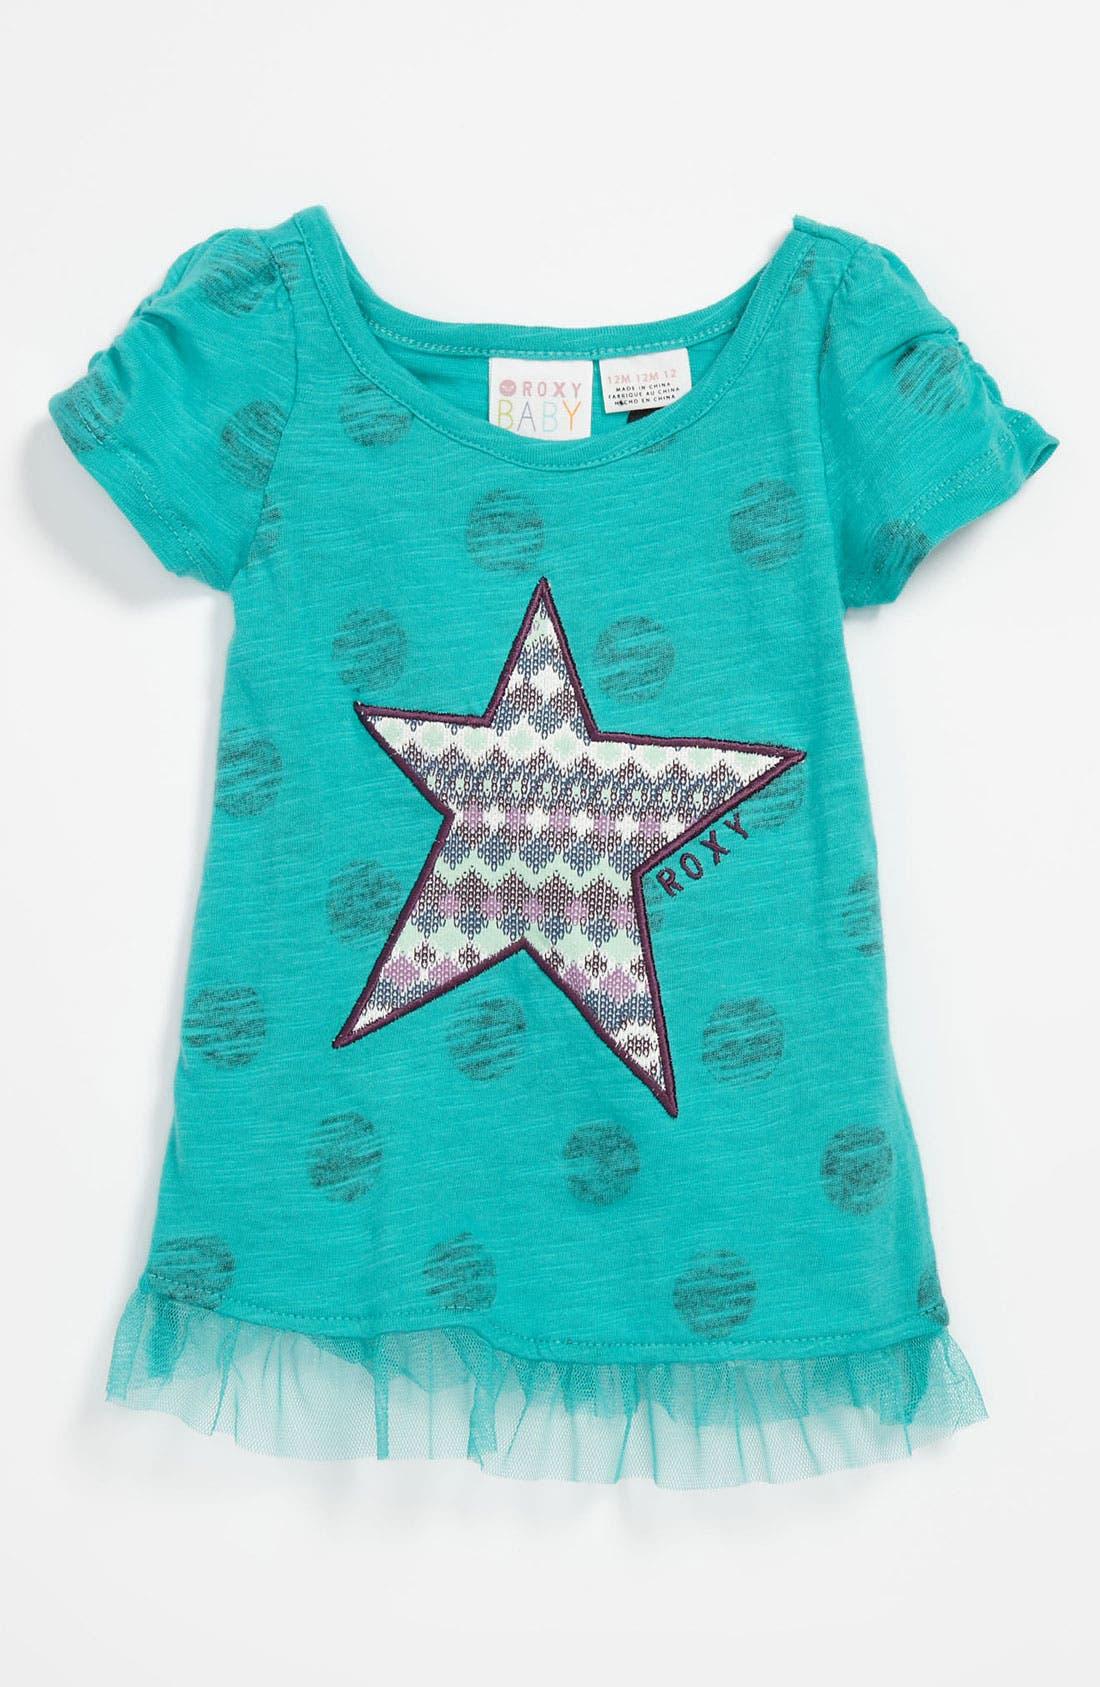 Main Image - Star Appliqué Top (Toddler)